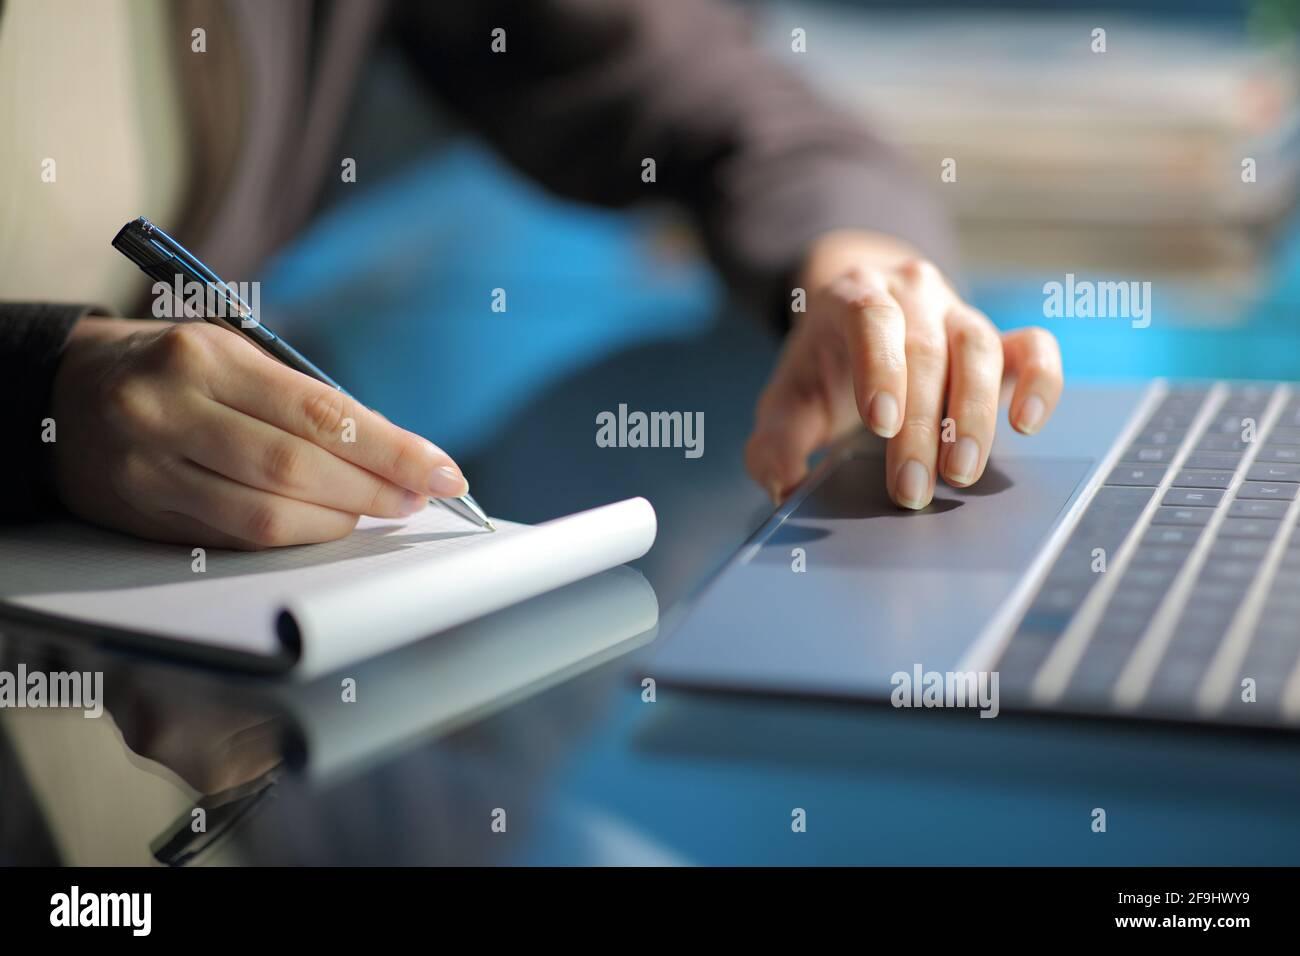 Gros plan d'une main de femme prenant des notes sur l'ordinateur portable utilisation d'un ordinateur portable la nuit à la maison Banque D'Images